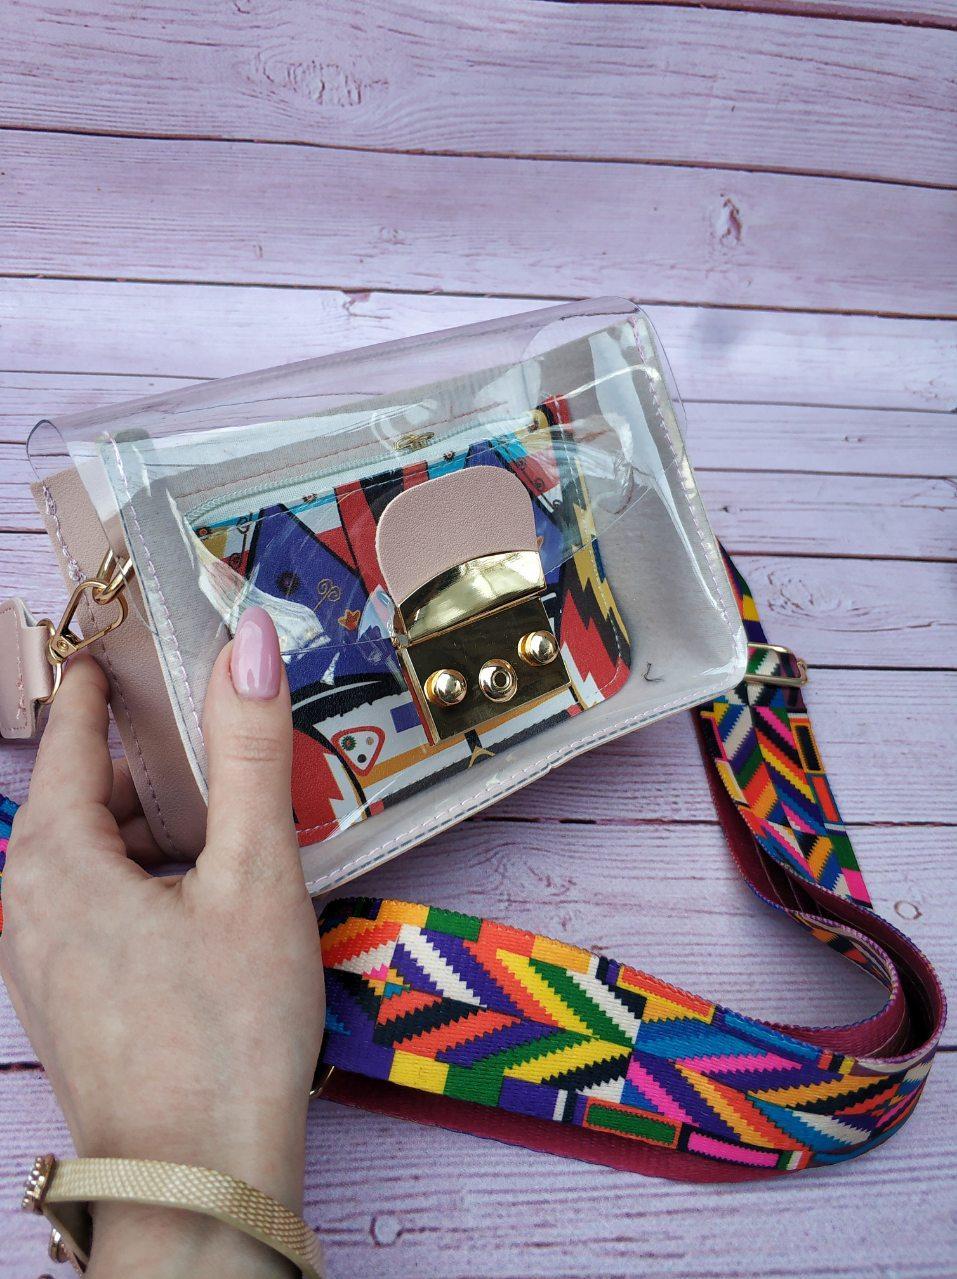 Шикарная сумка Фурла пудра furla розовая  ,черная с  разноцветным ремешком прозрачная